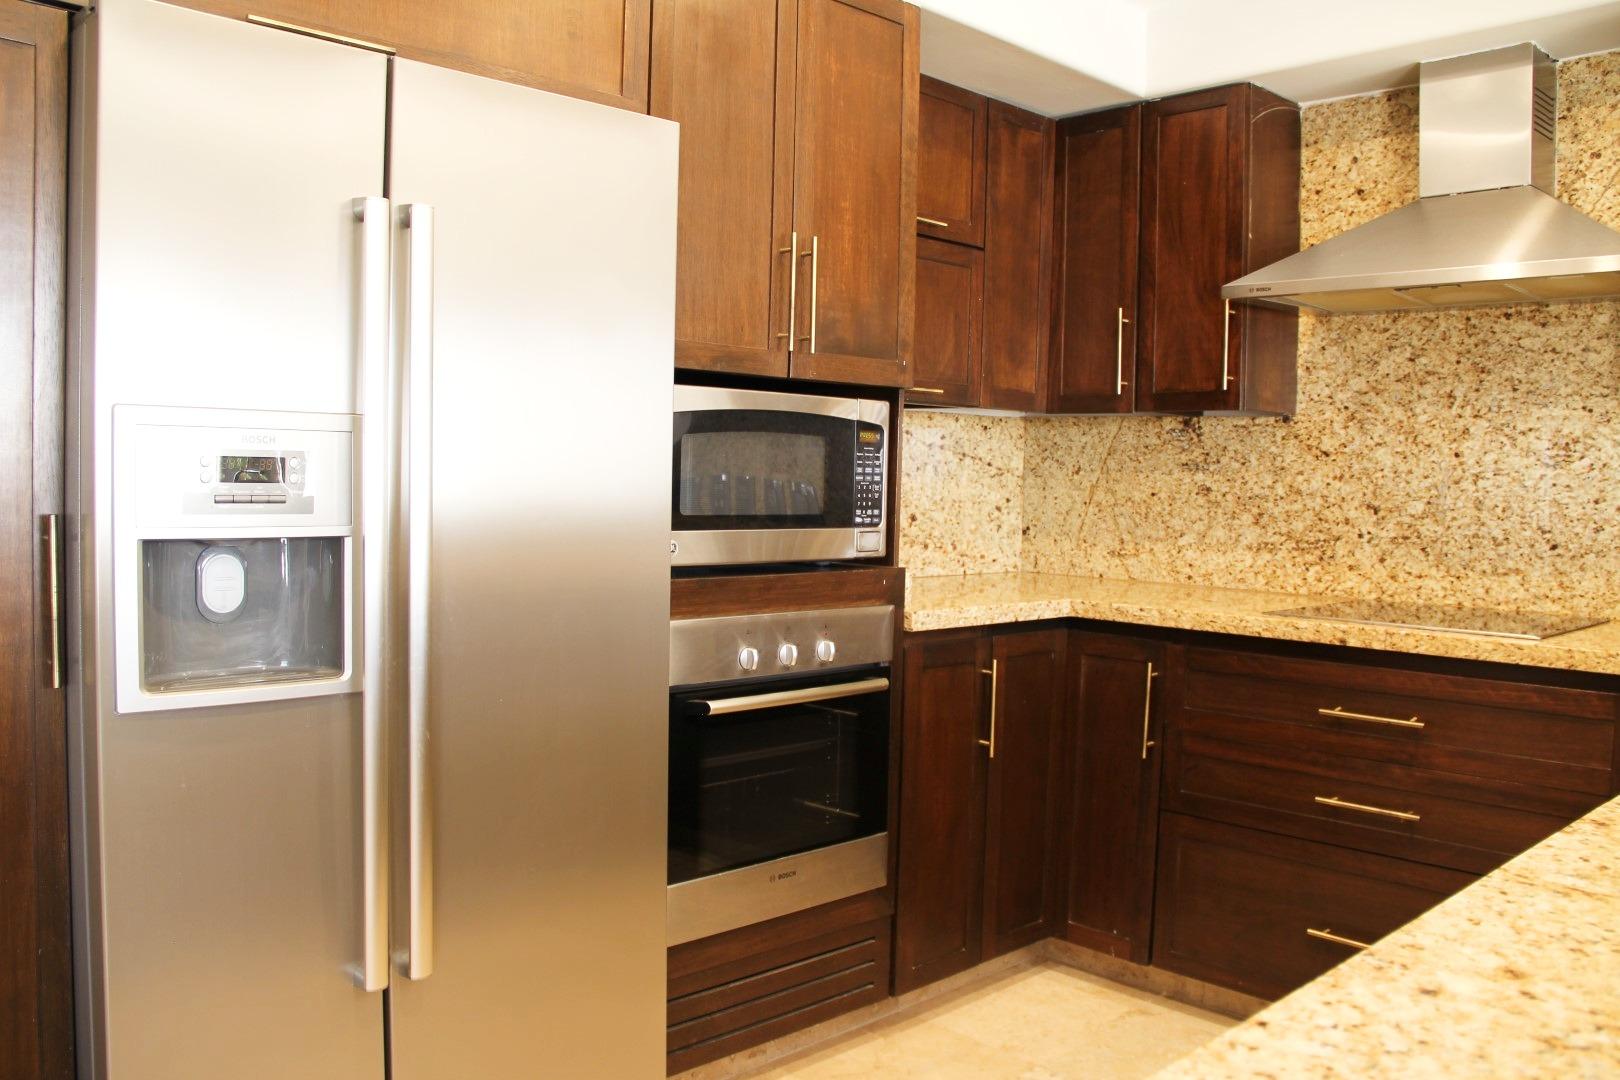 Modern kitchen appliances.